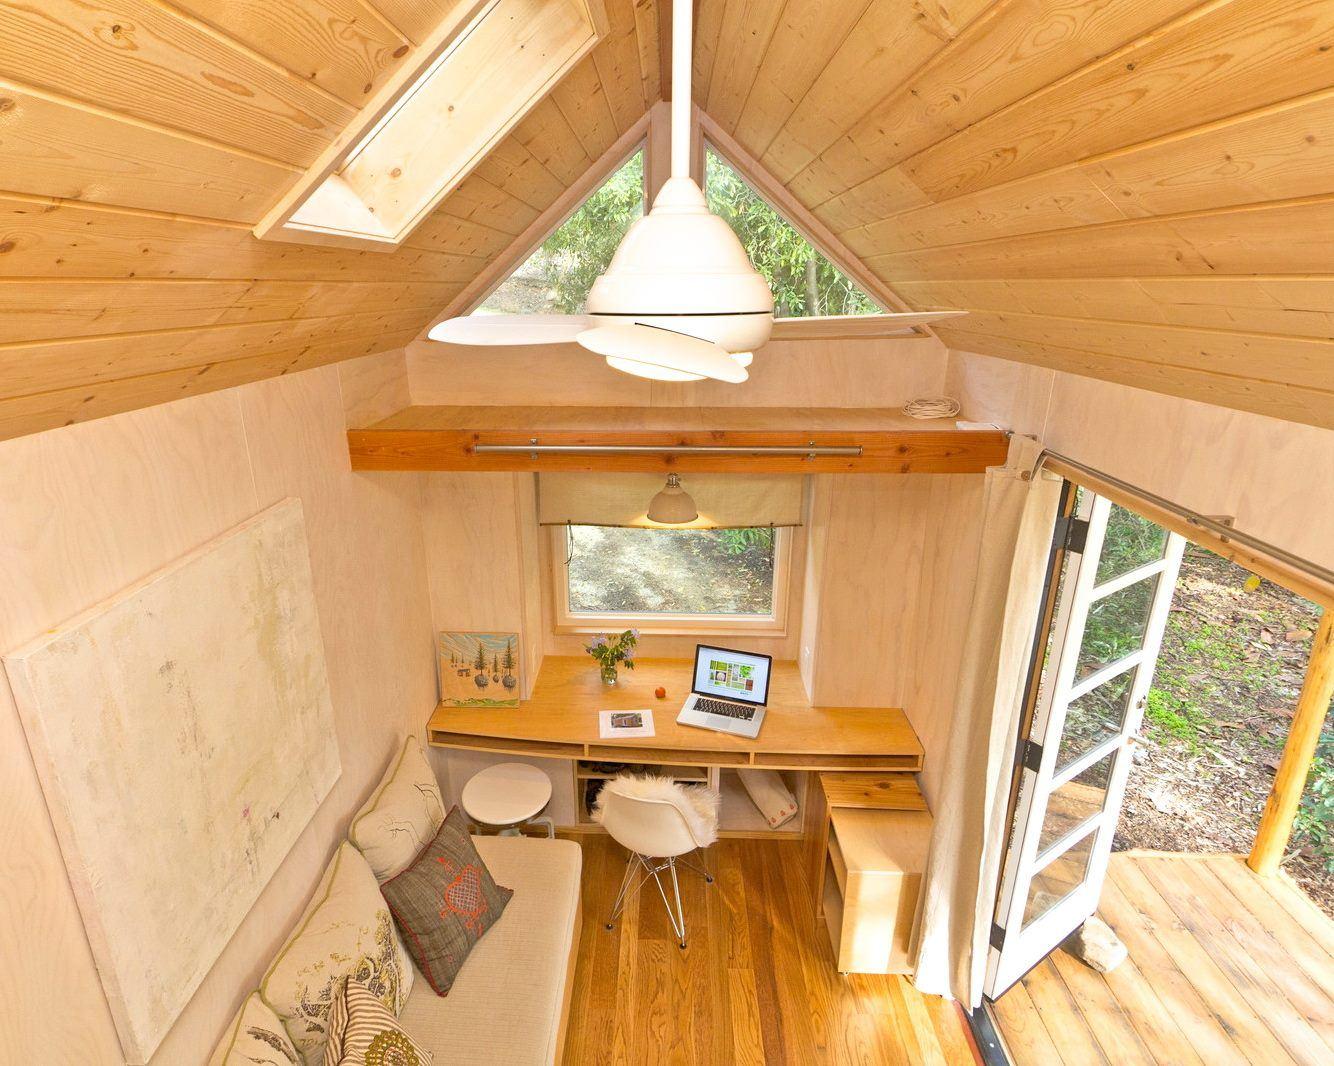 บ้านไม้หลังเล็ก มีระเบียงหน้าบ้าน ติดล้อเคลื่อนที่ได้